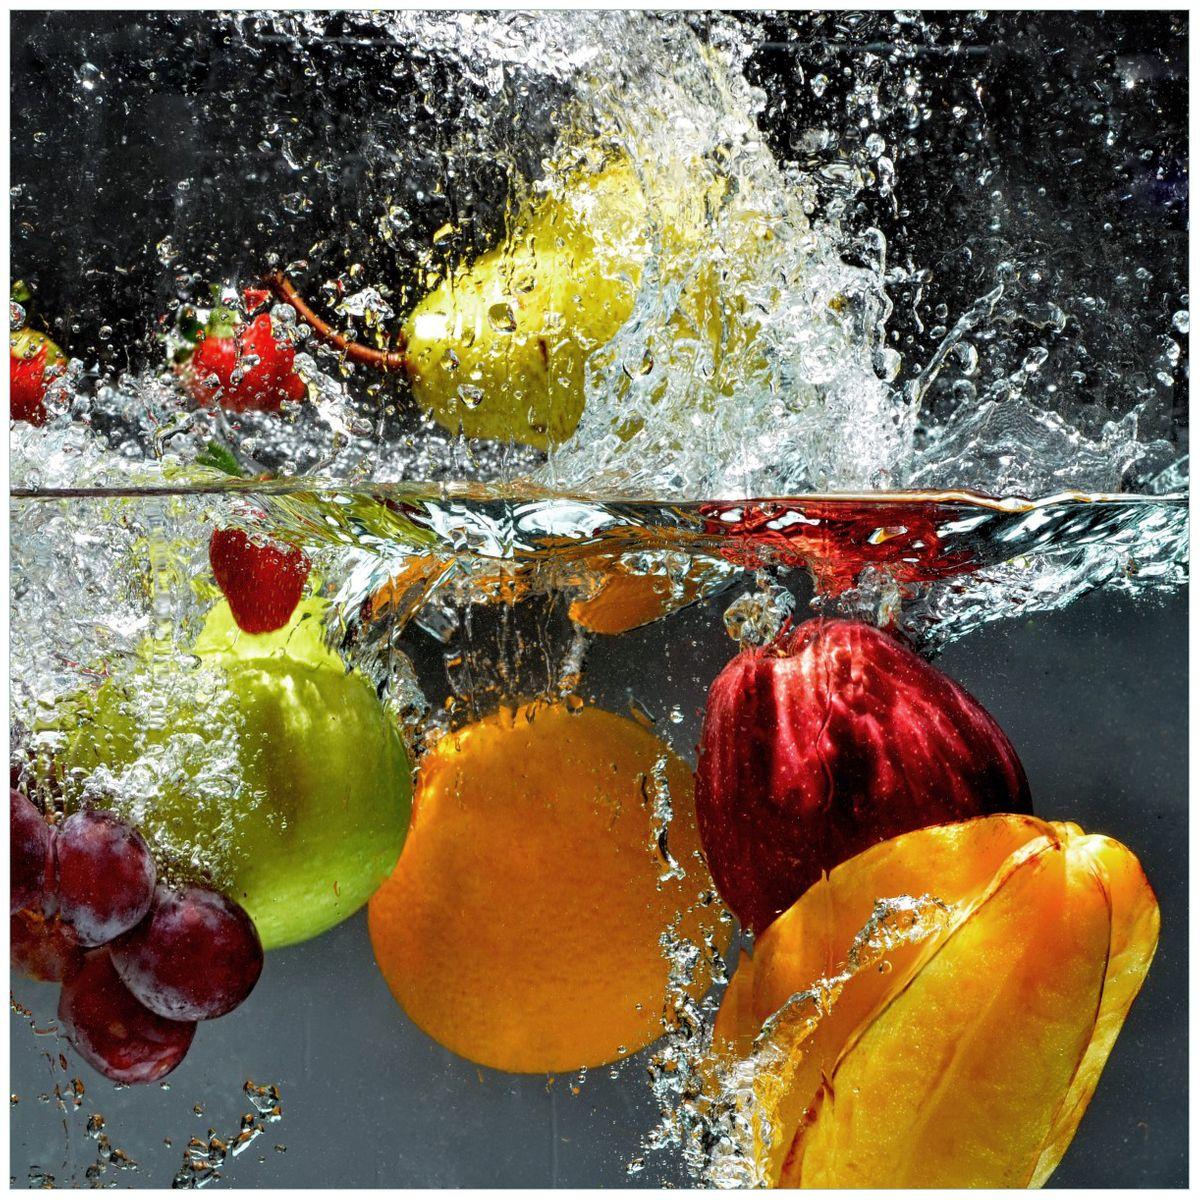 Full Size of Glasbild Frchte Im Und Unter Wasser Splashing Fruits 50 Cm Glasbilder Küche Bad Küchen Regal Wohnzimmer Küchen Glasbilder